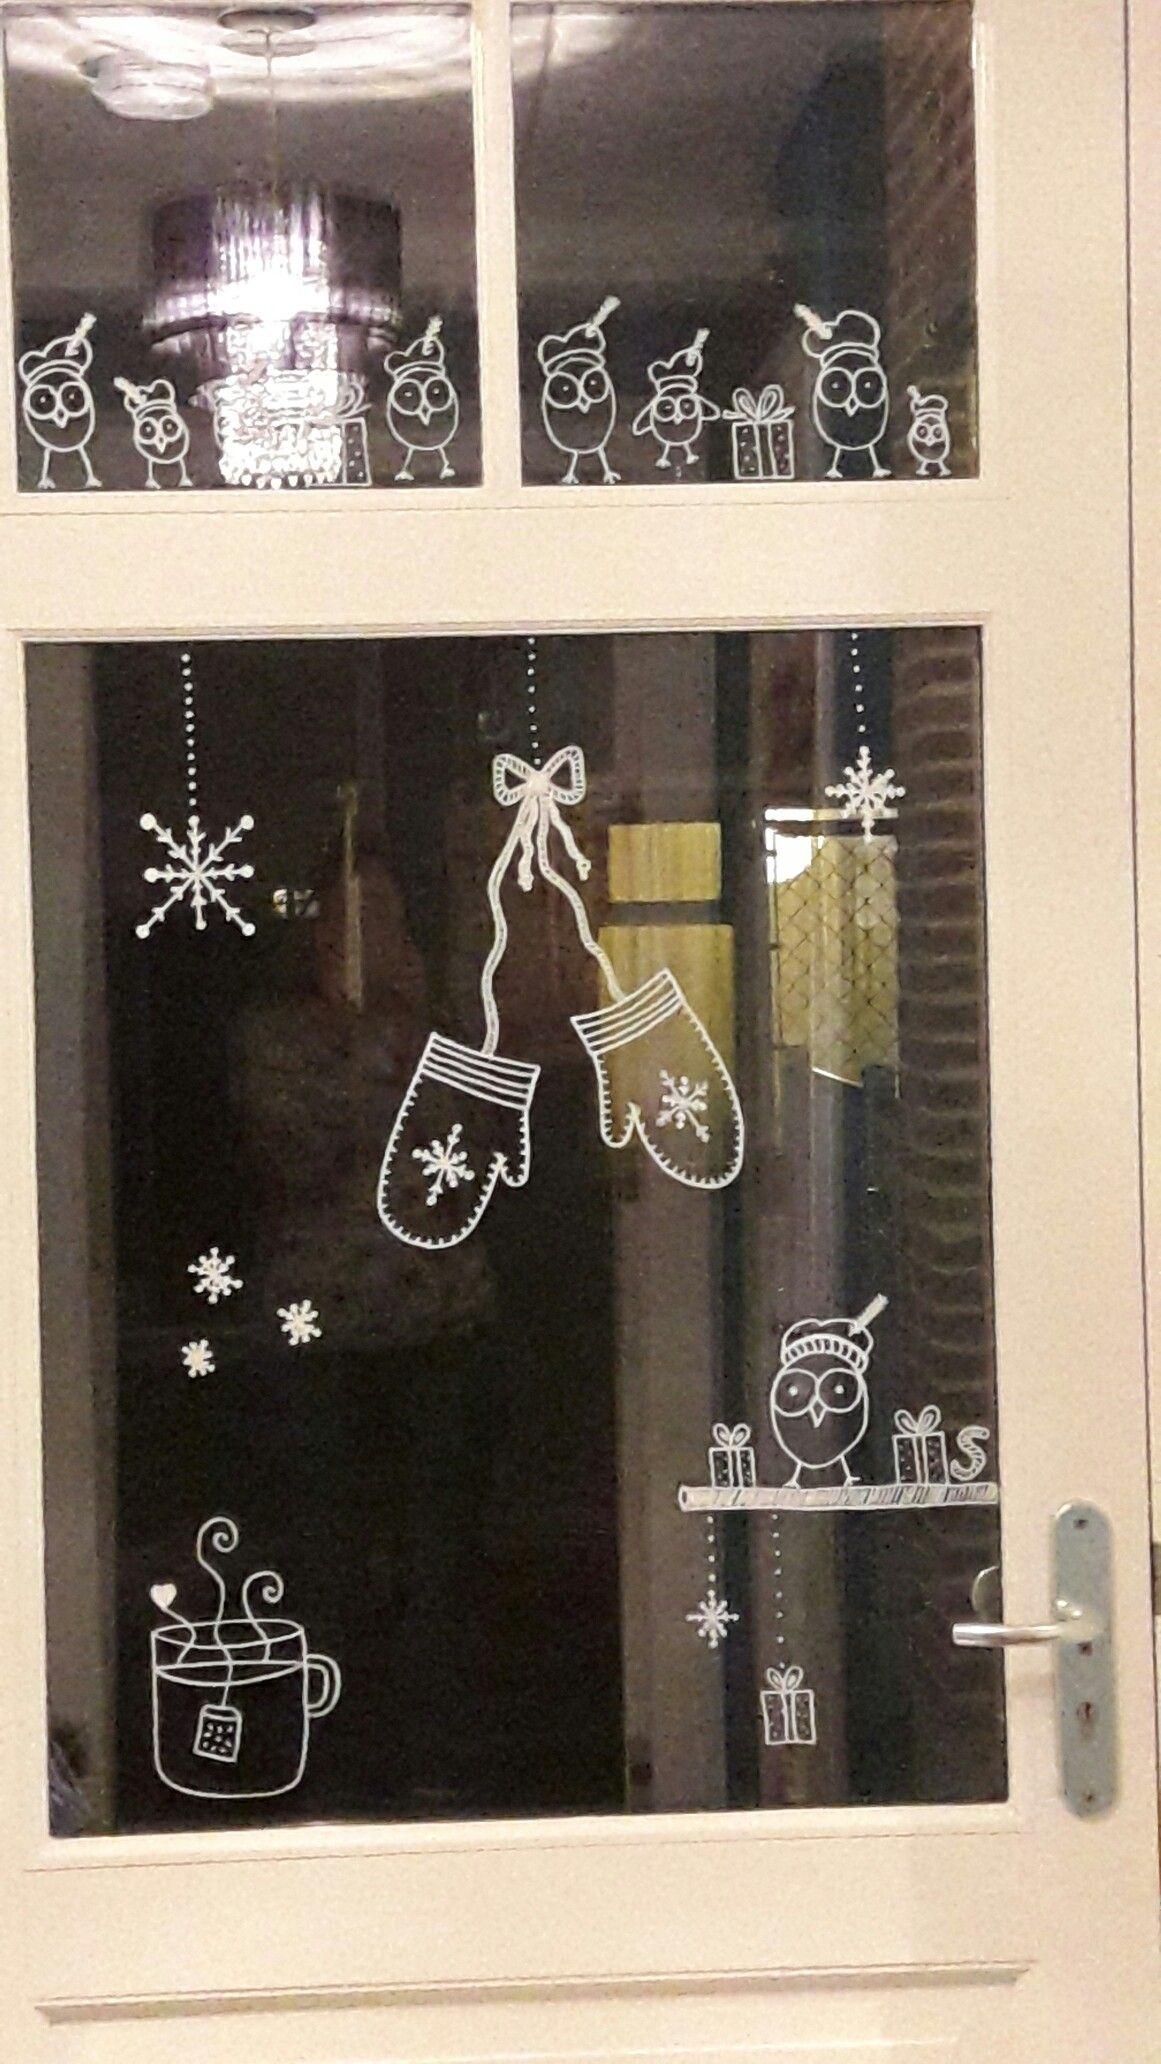 Extreem Raamdecoratie krijtstift - winter/sinterklaas | To Do-Doos YS39